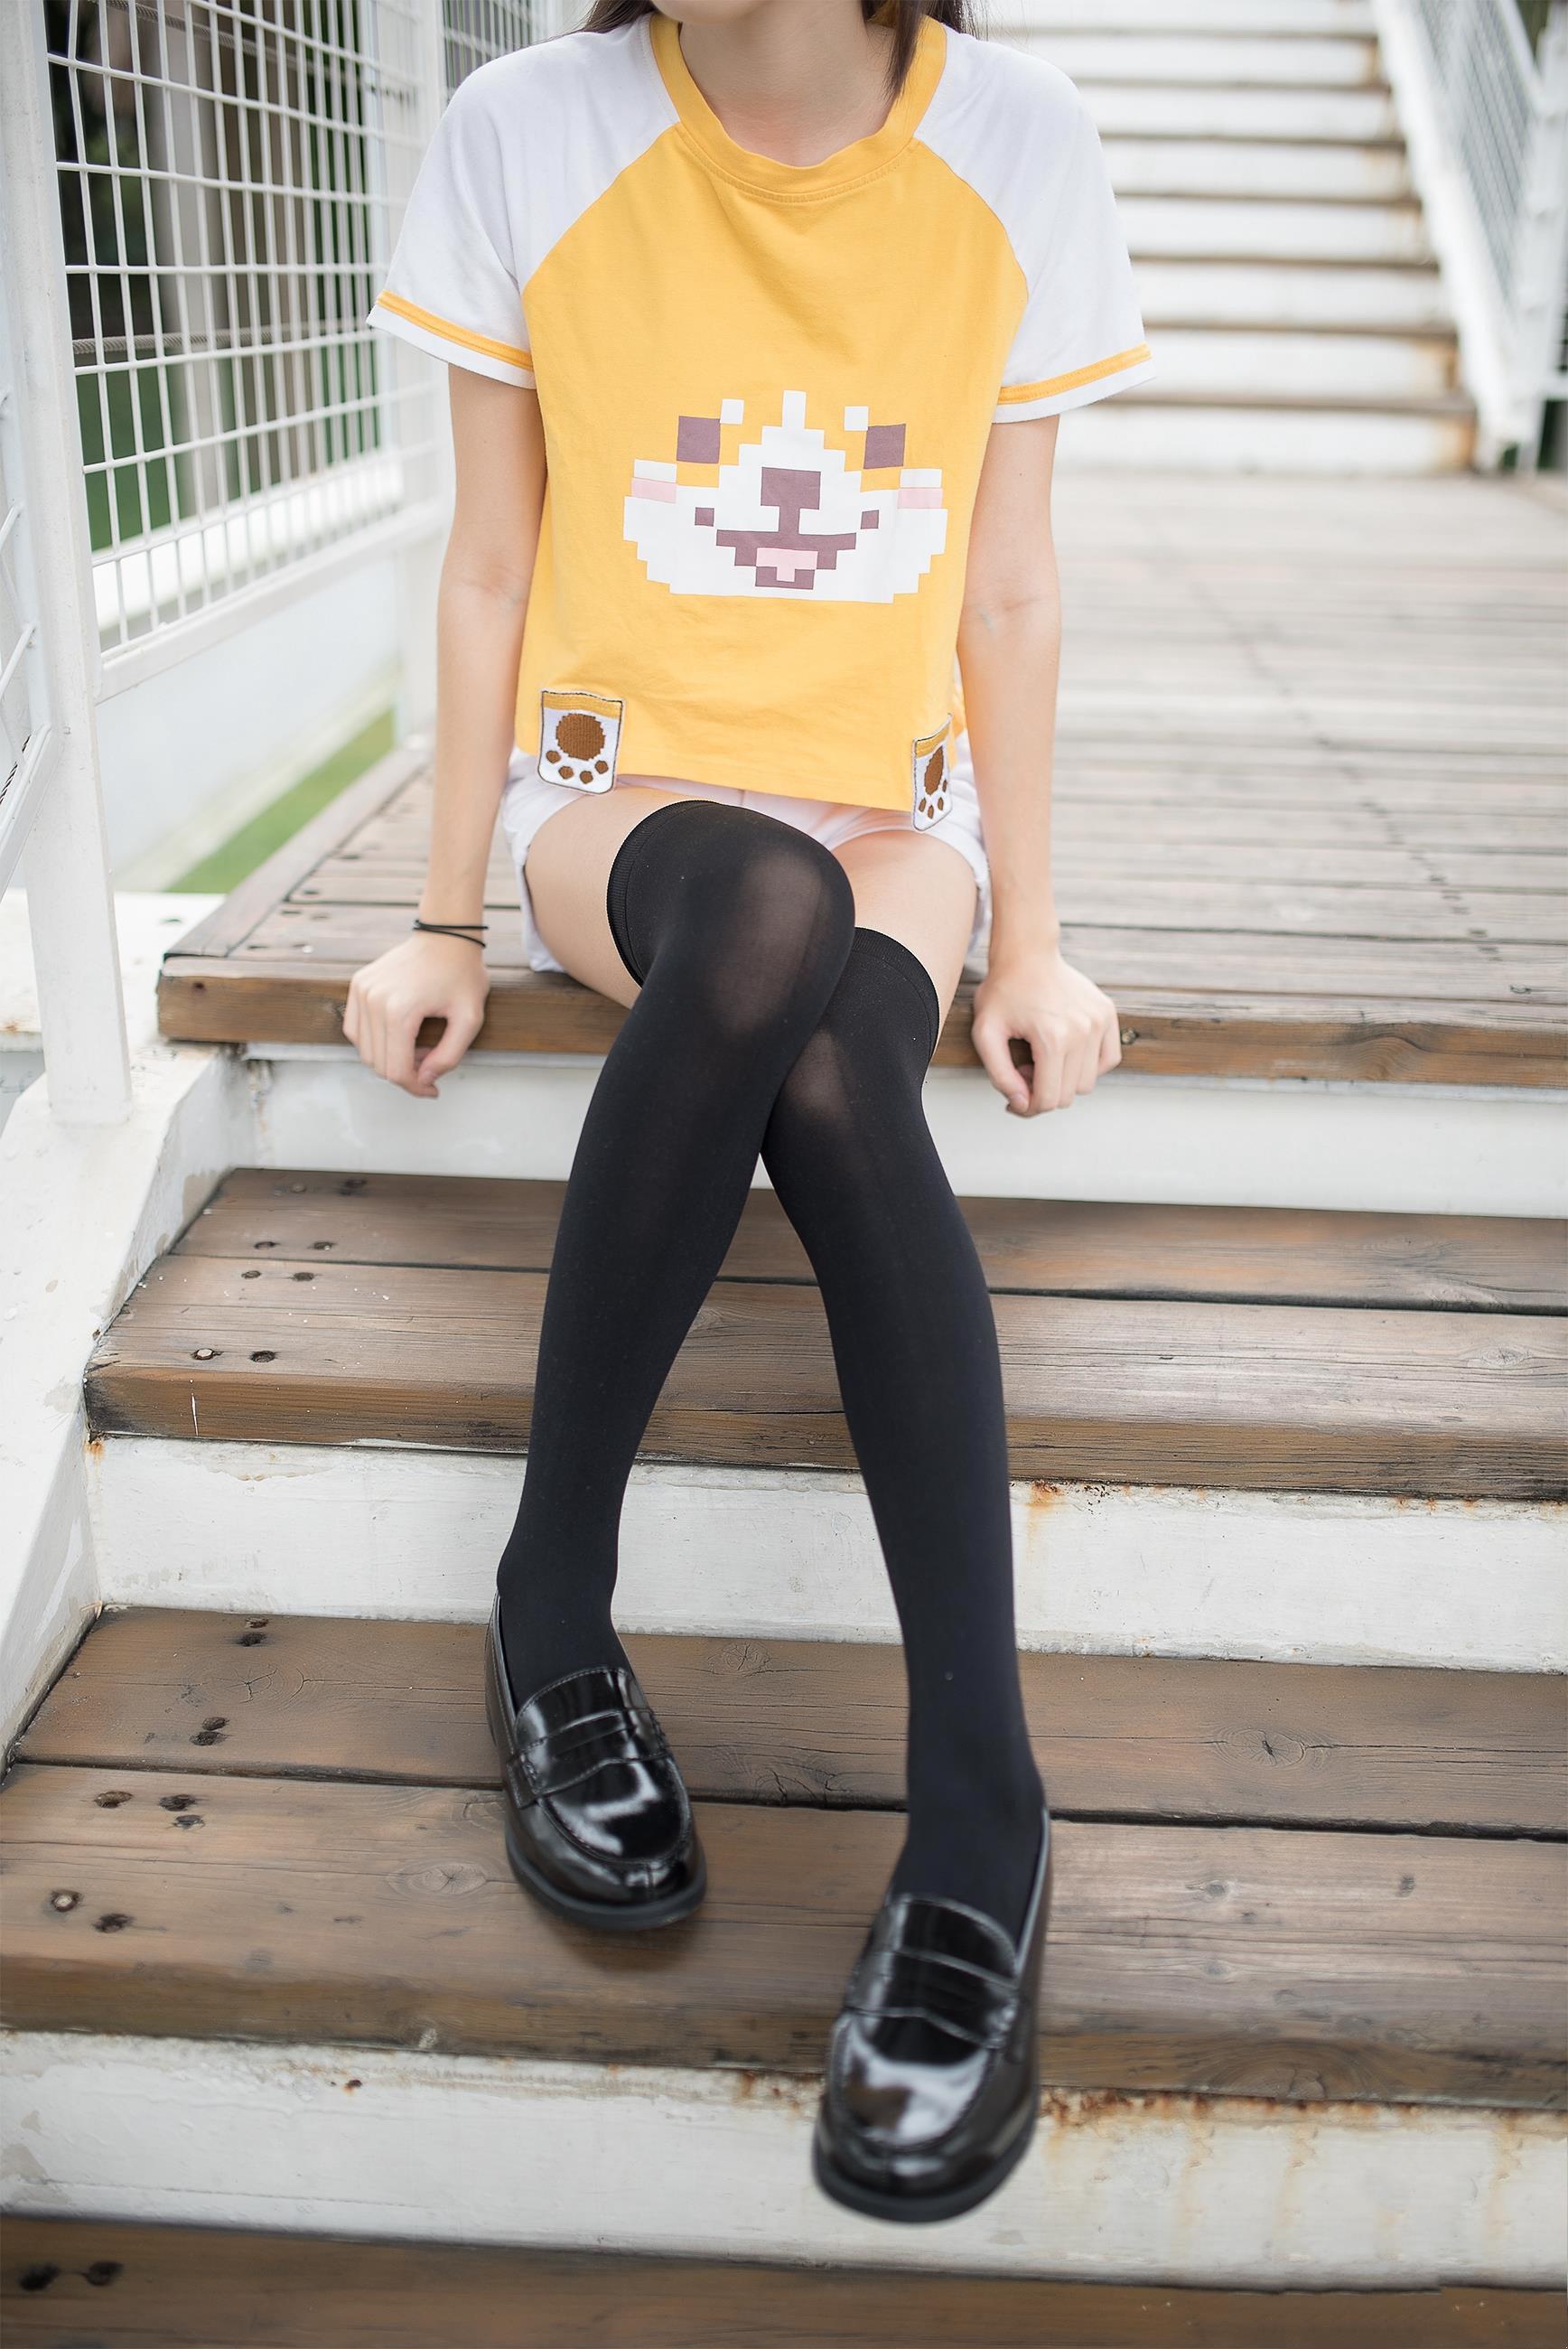 【风之领域0002】腿控福利-美少女萝莉之纯黑丝袜 带你瞬间起飞!!!